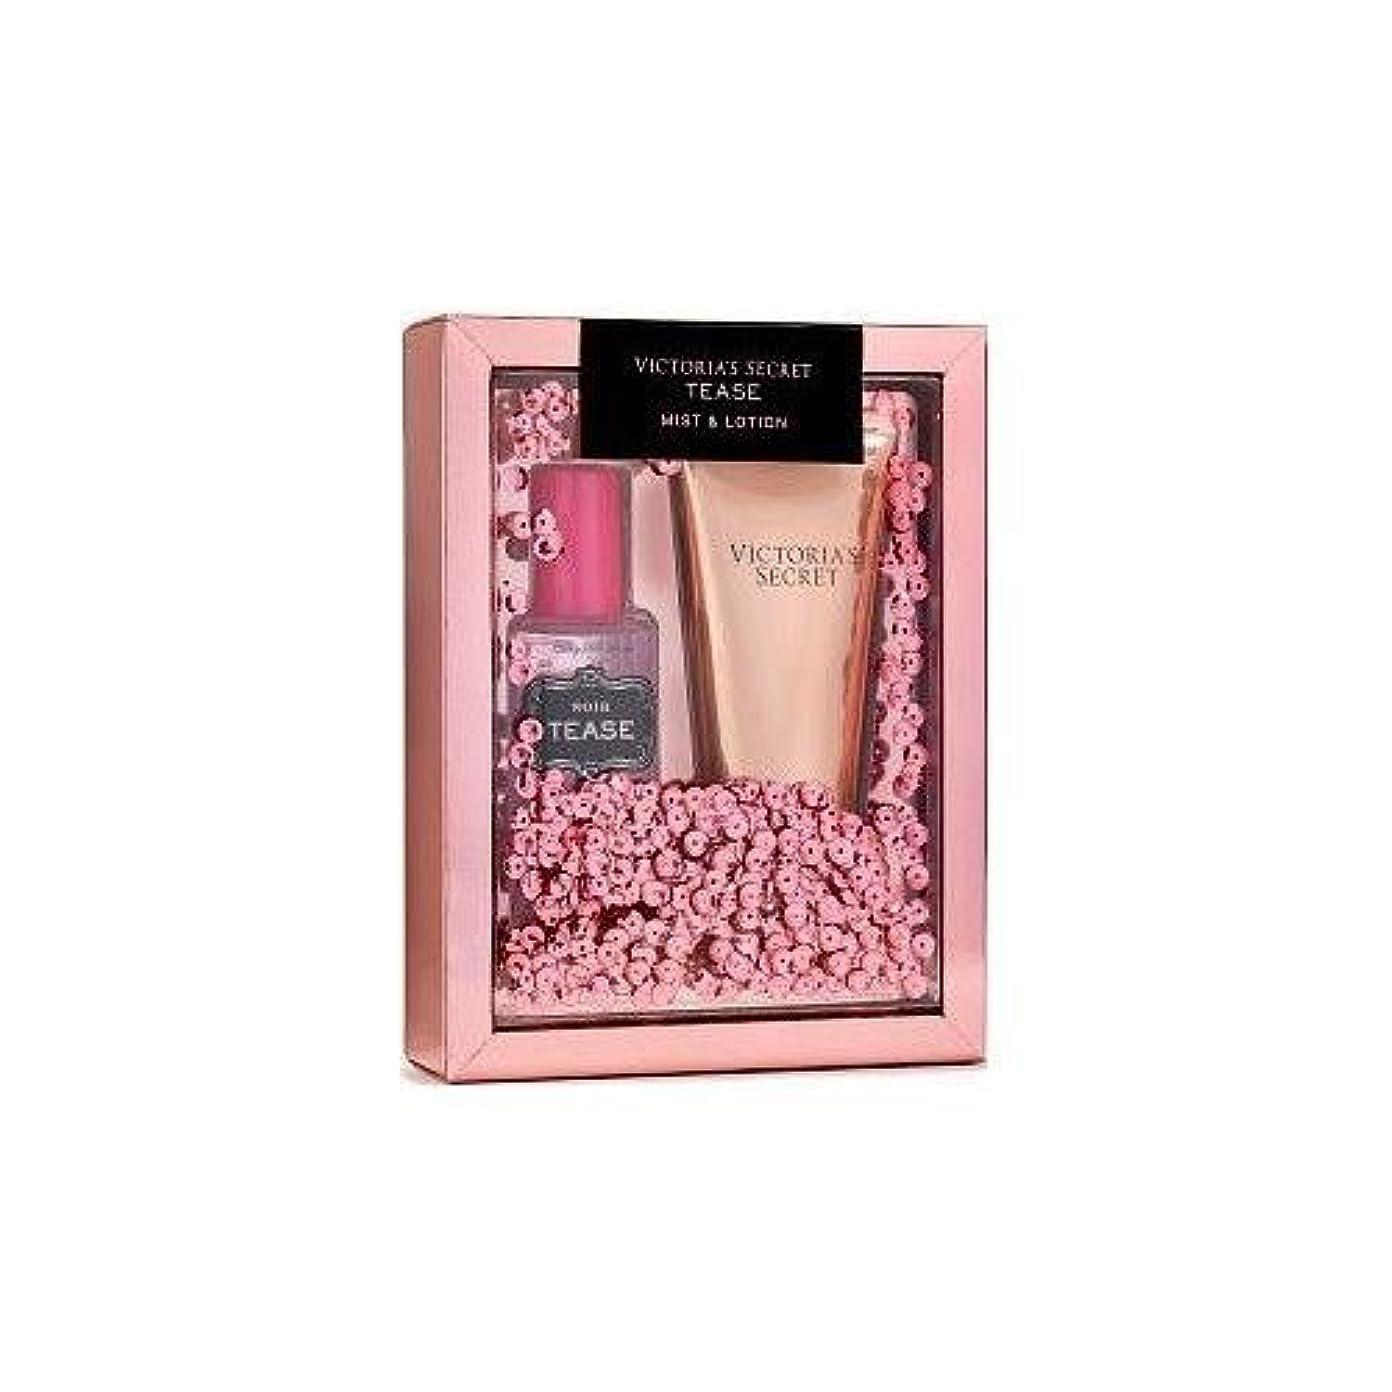 ビクトリアシークレット Victoria's secret TEASE mist&lotion